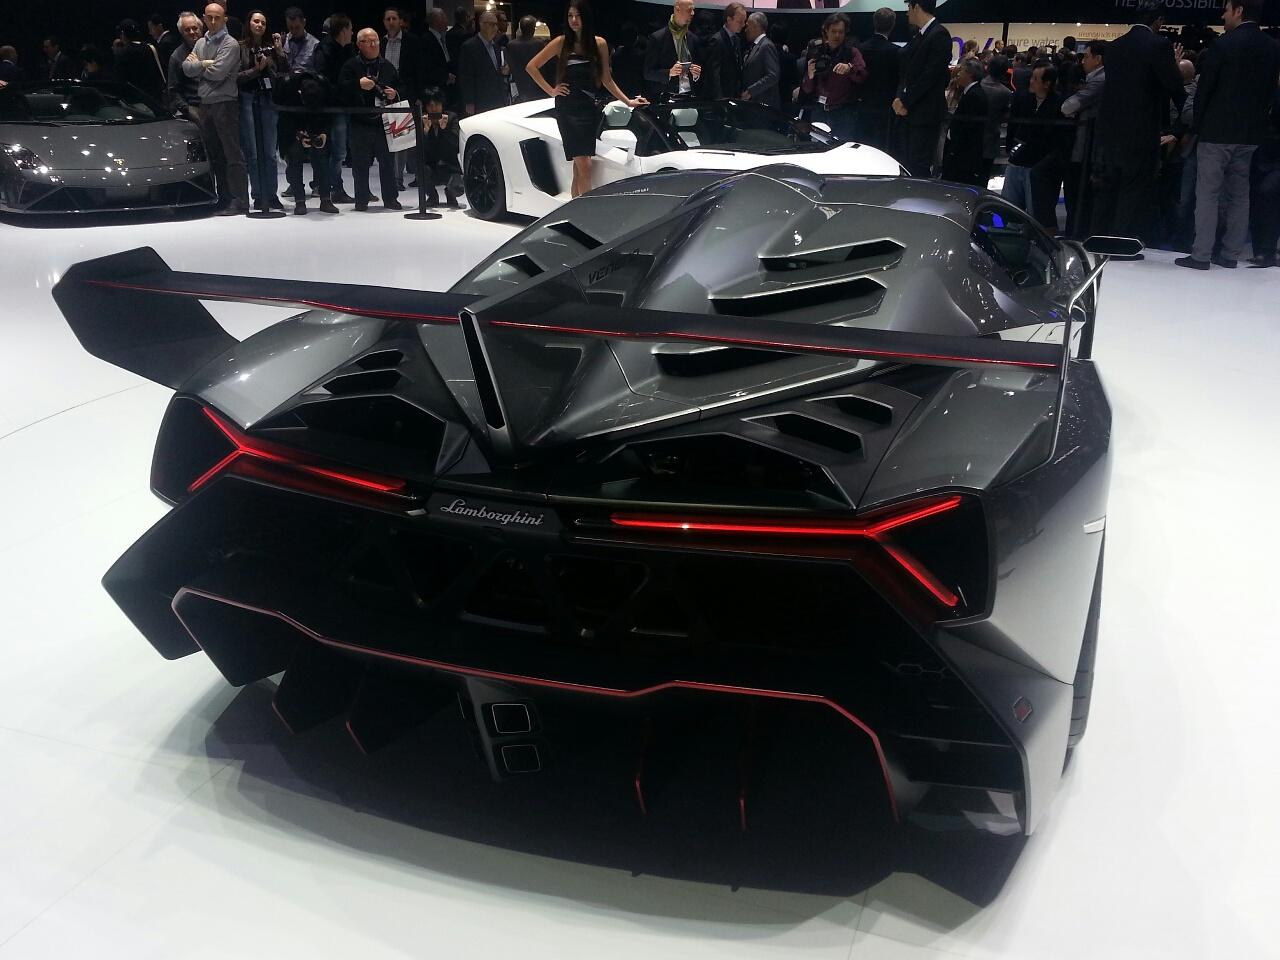 Car & Bike Fanatics: Lamborghini Veneno Exclusive Pictures